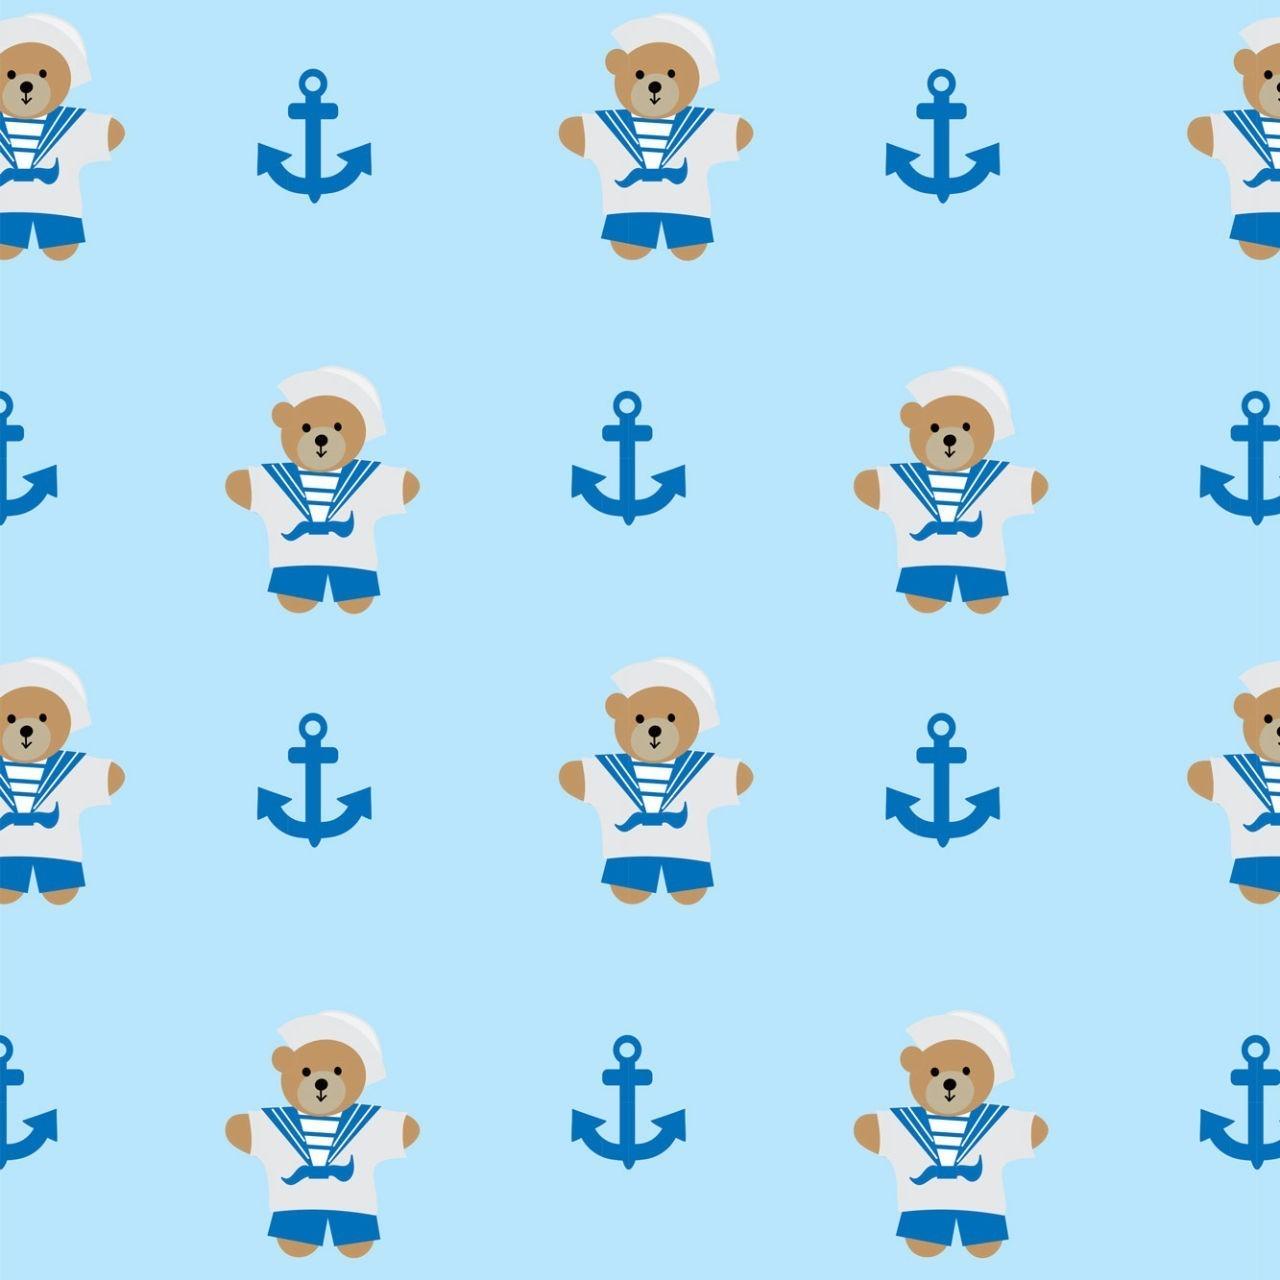 Papel de Parede Ursinho Marinheiro Fundo Azul PPI  - Papel de parede - G3decora